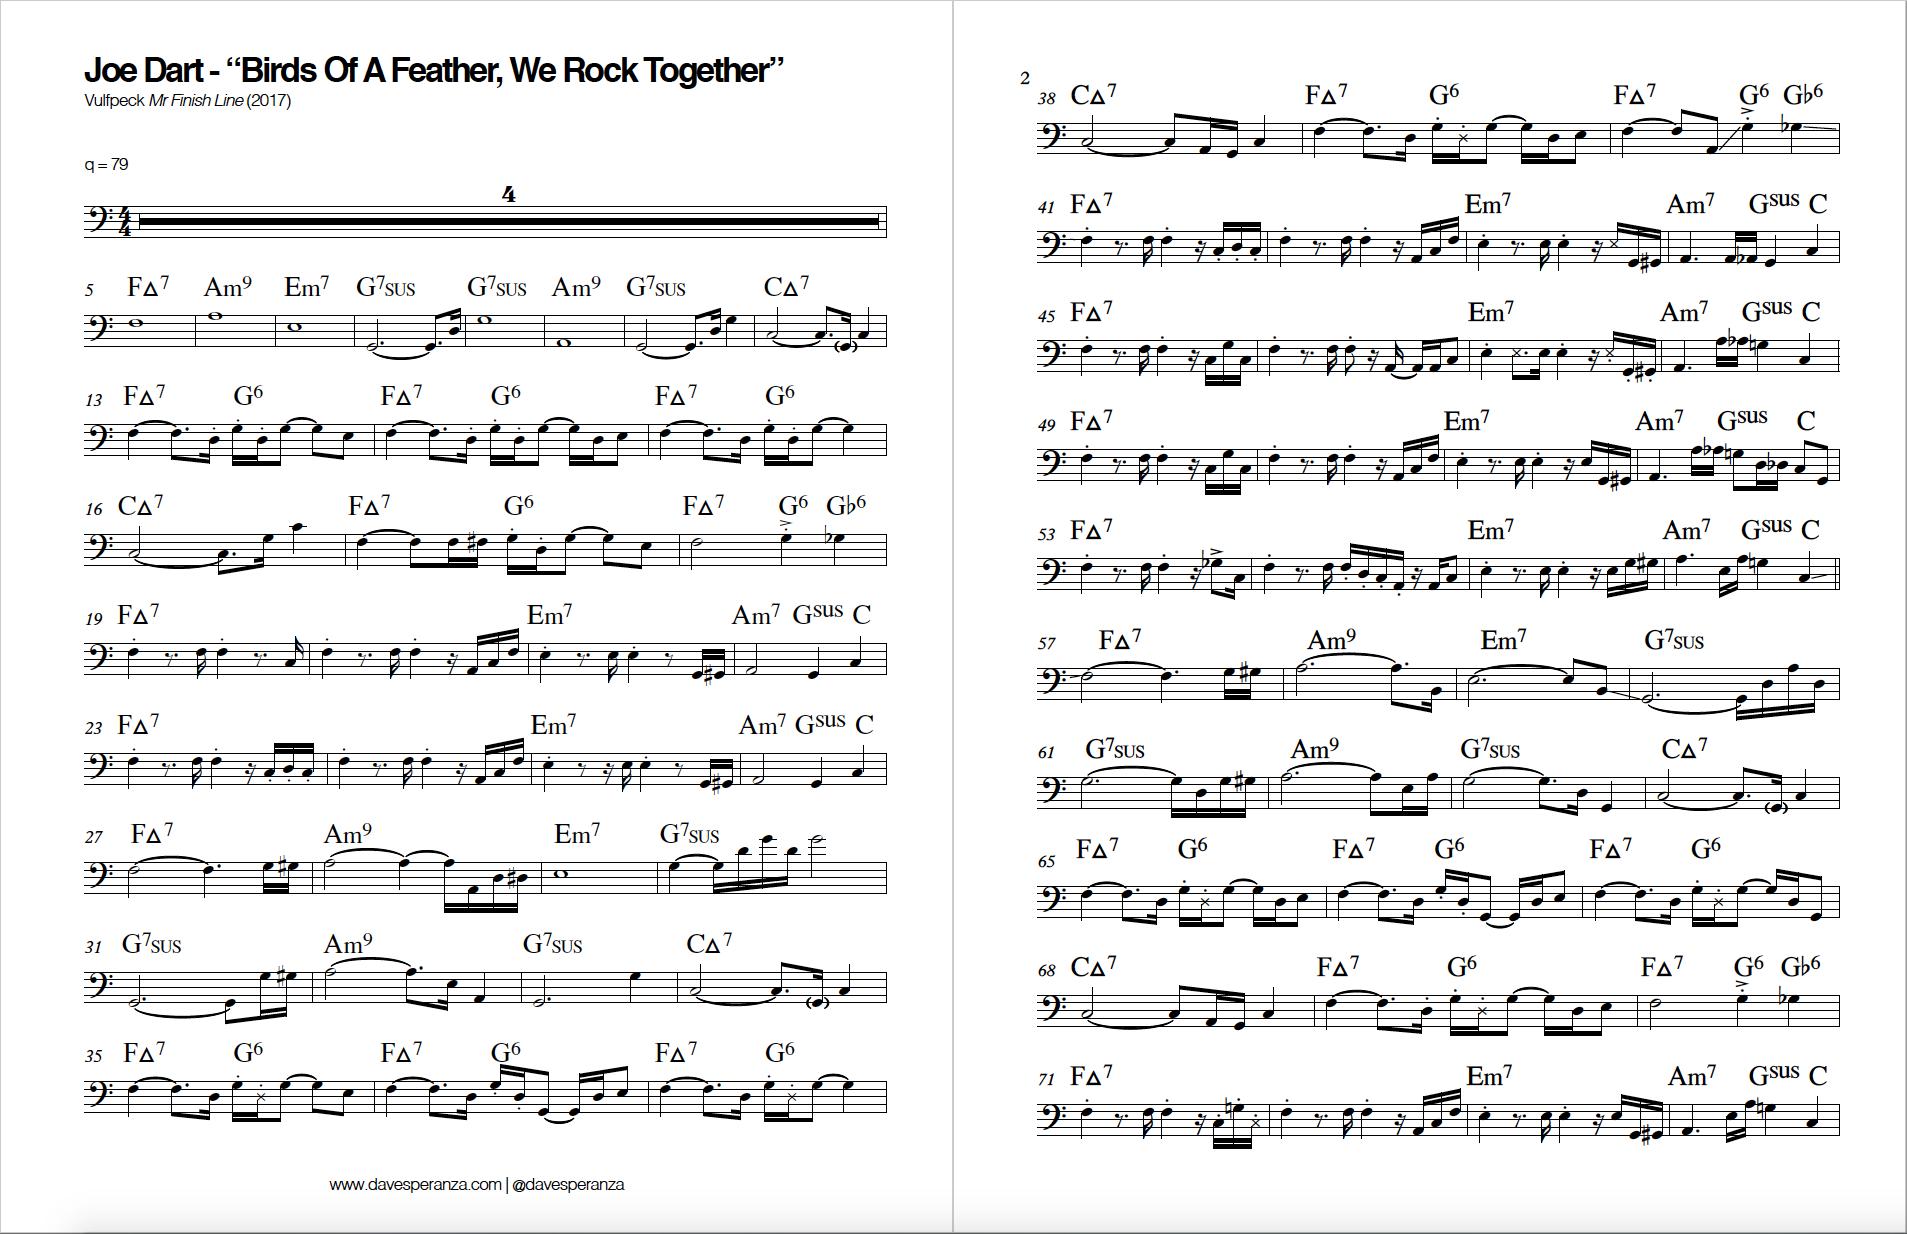 Joe Dart.Birds of a Feather.Bass transcription.Vulfpeck.png